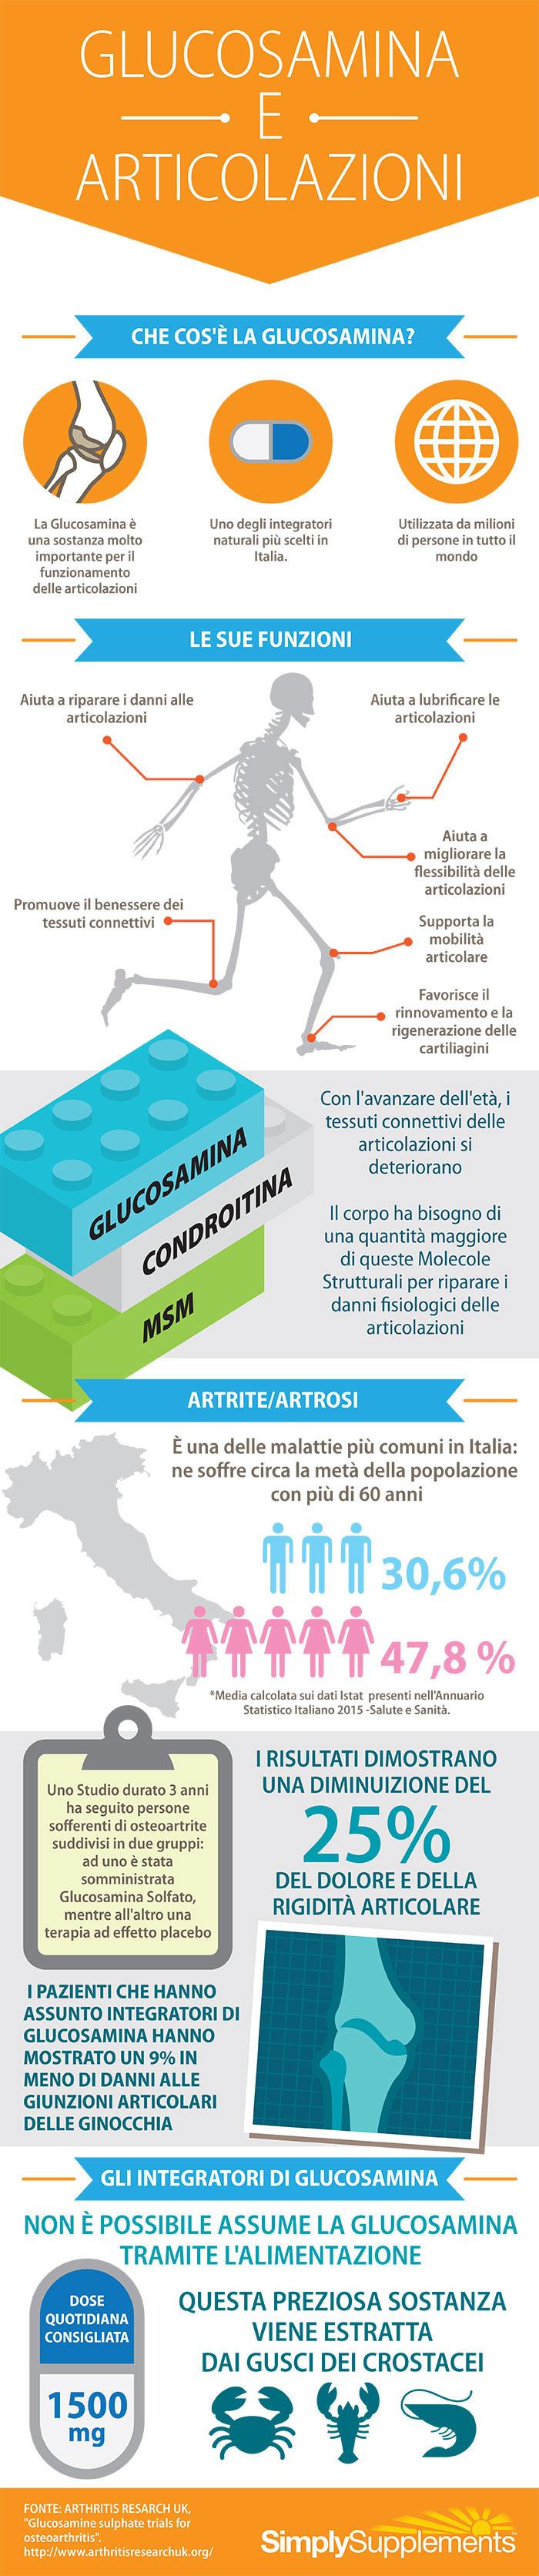 infographic-glucosamina-e-articolazioni